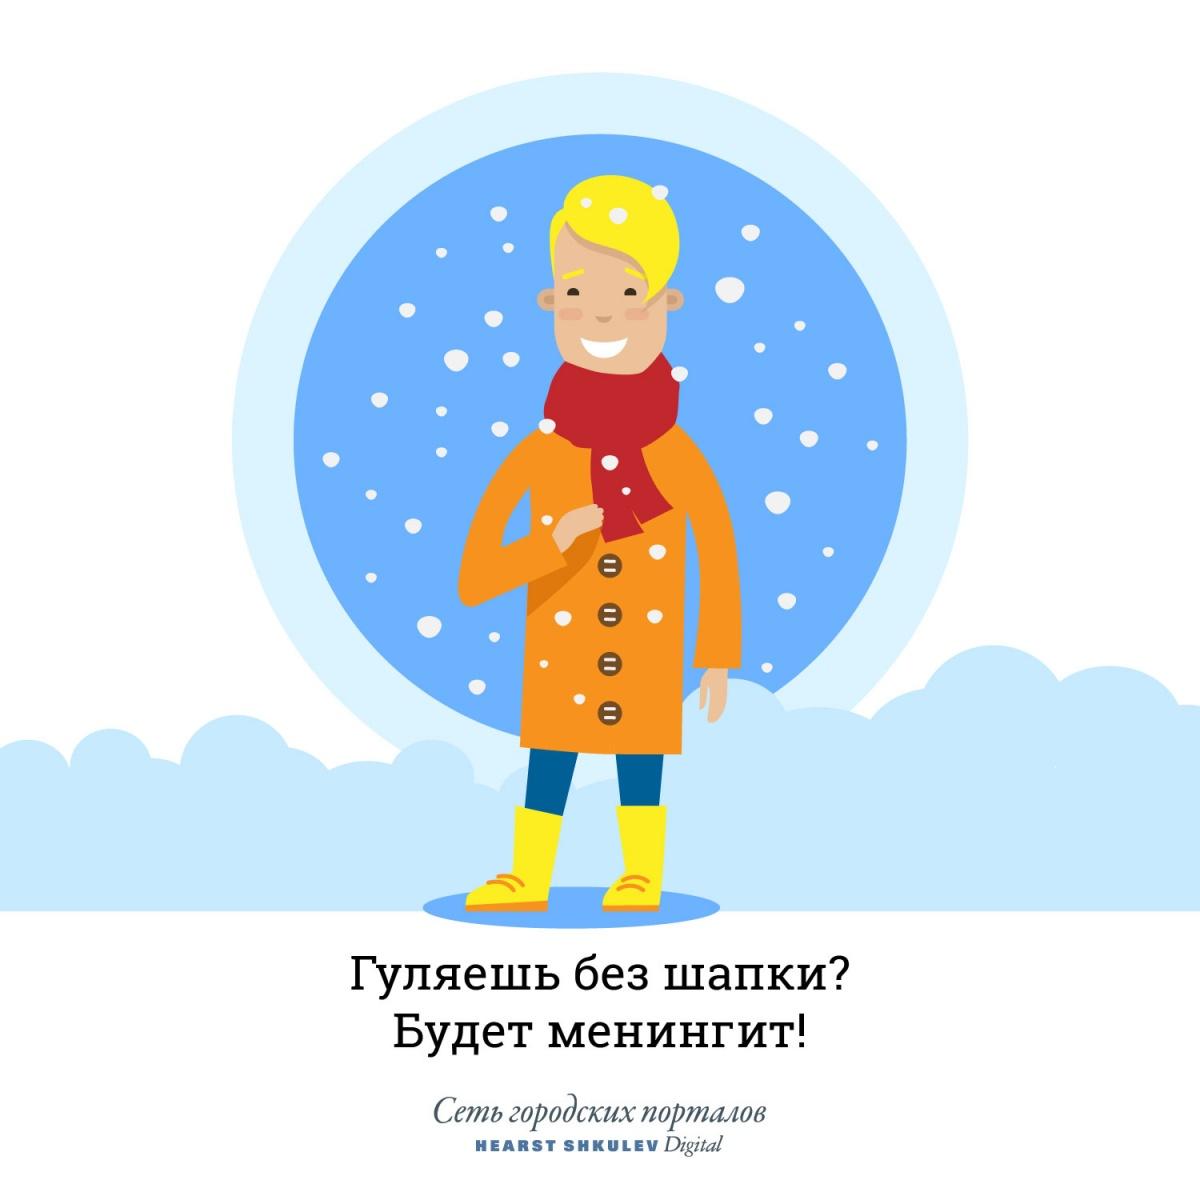 Менингита не будет! Будет простуда